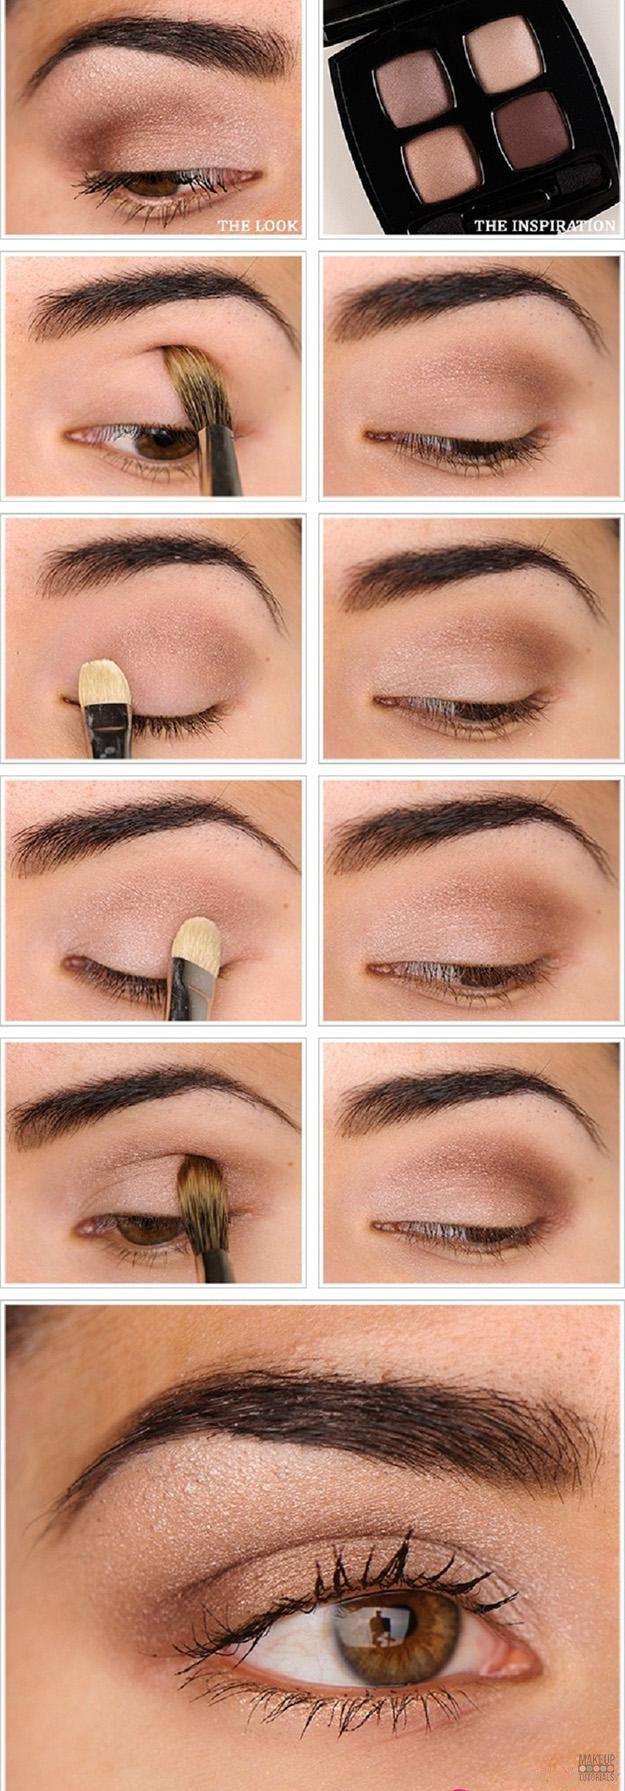 11 Everyday Natural Makeup Tutorials | Makeup Tutorials